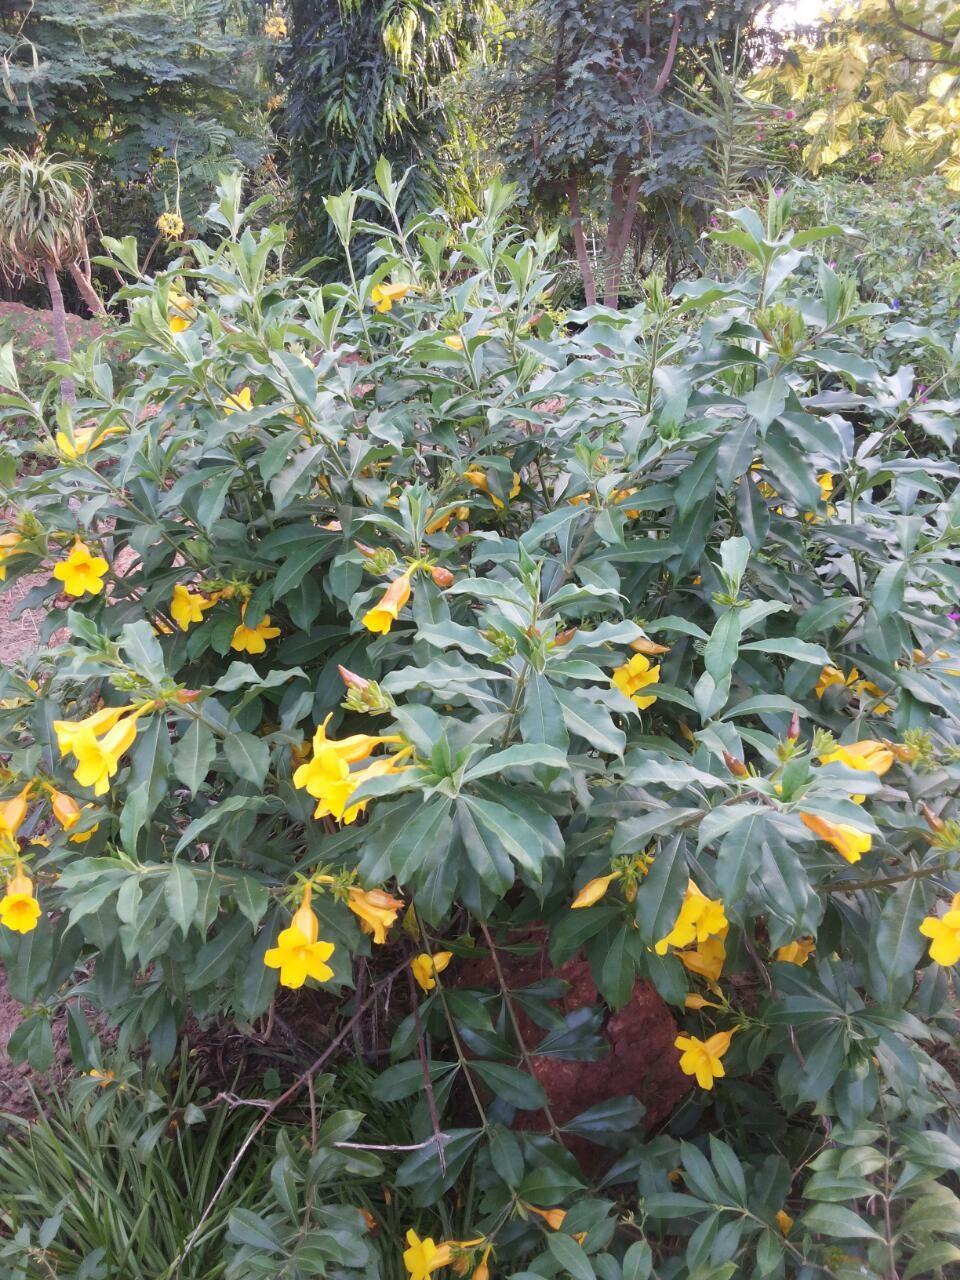 Arbuste Persistant En Pot Plein Soleil jardinerie de plantes ornementales tropicales